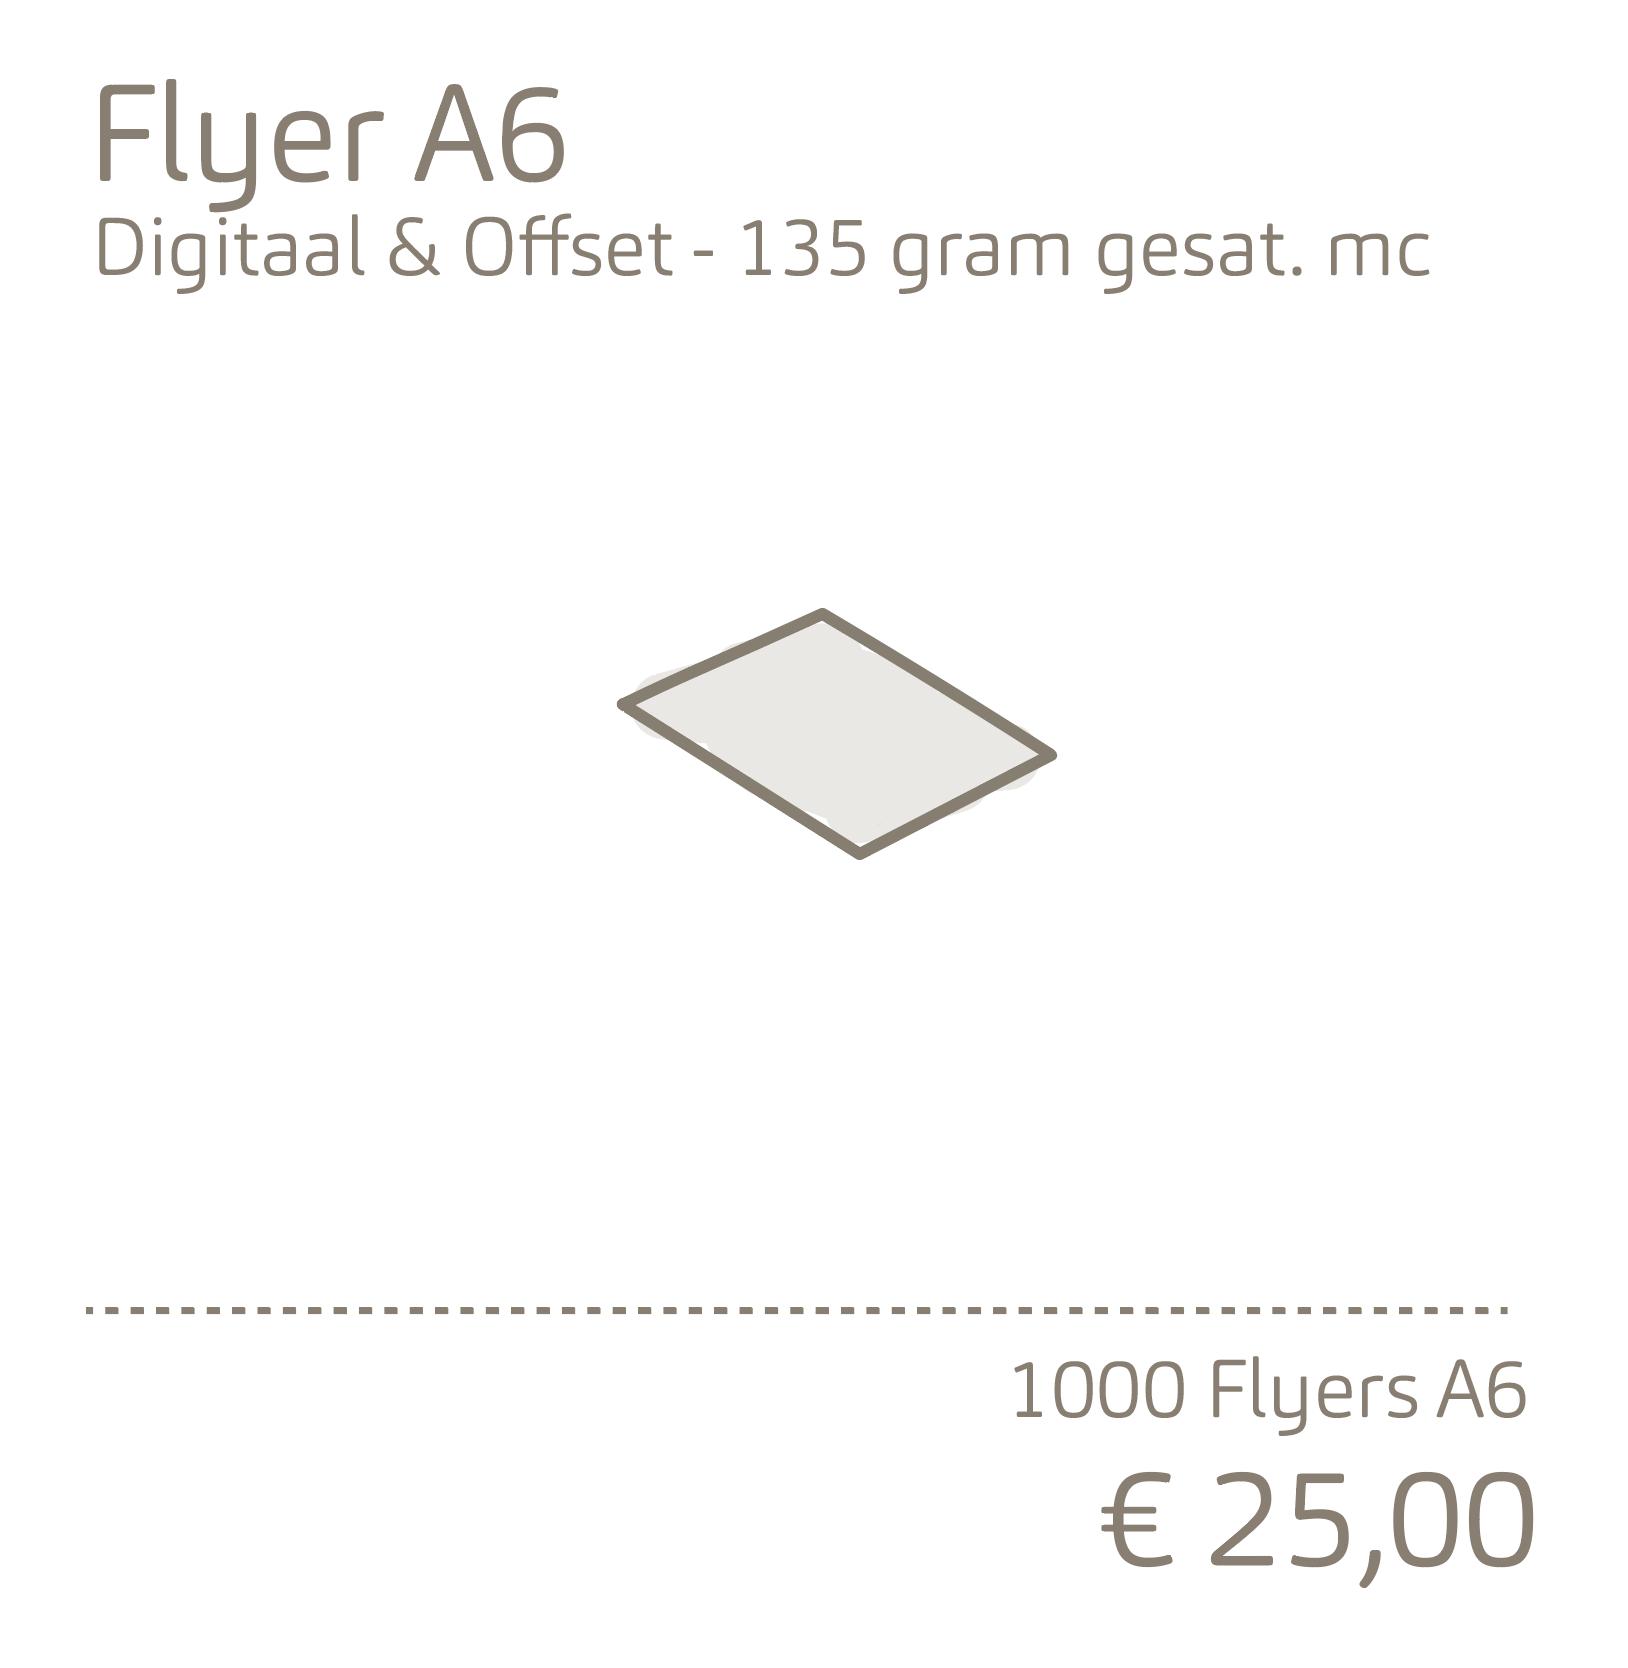 Flyer-A6